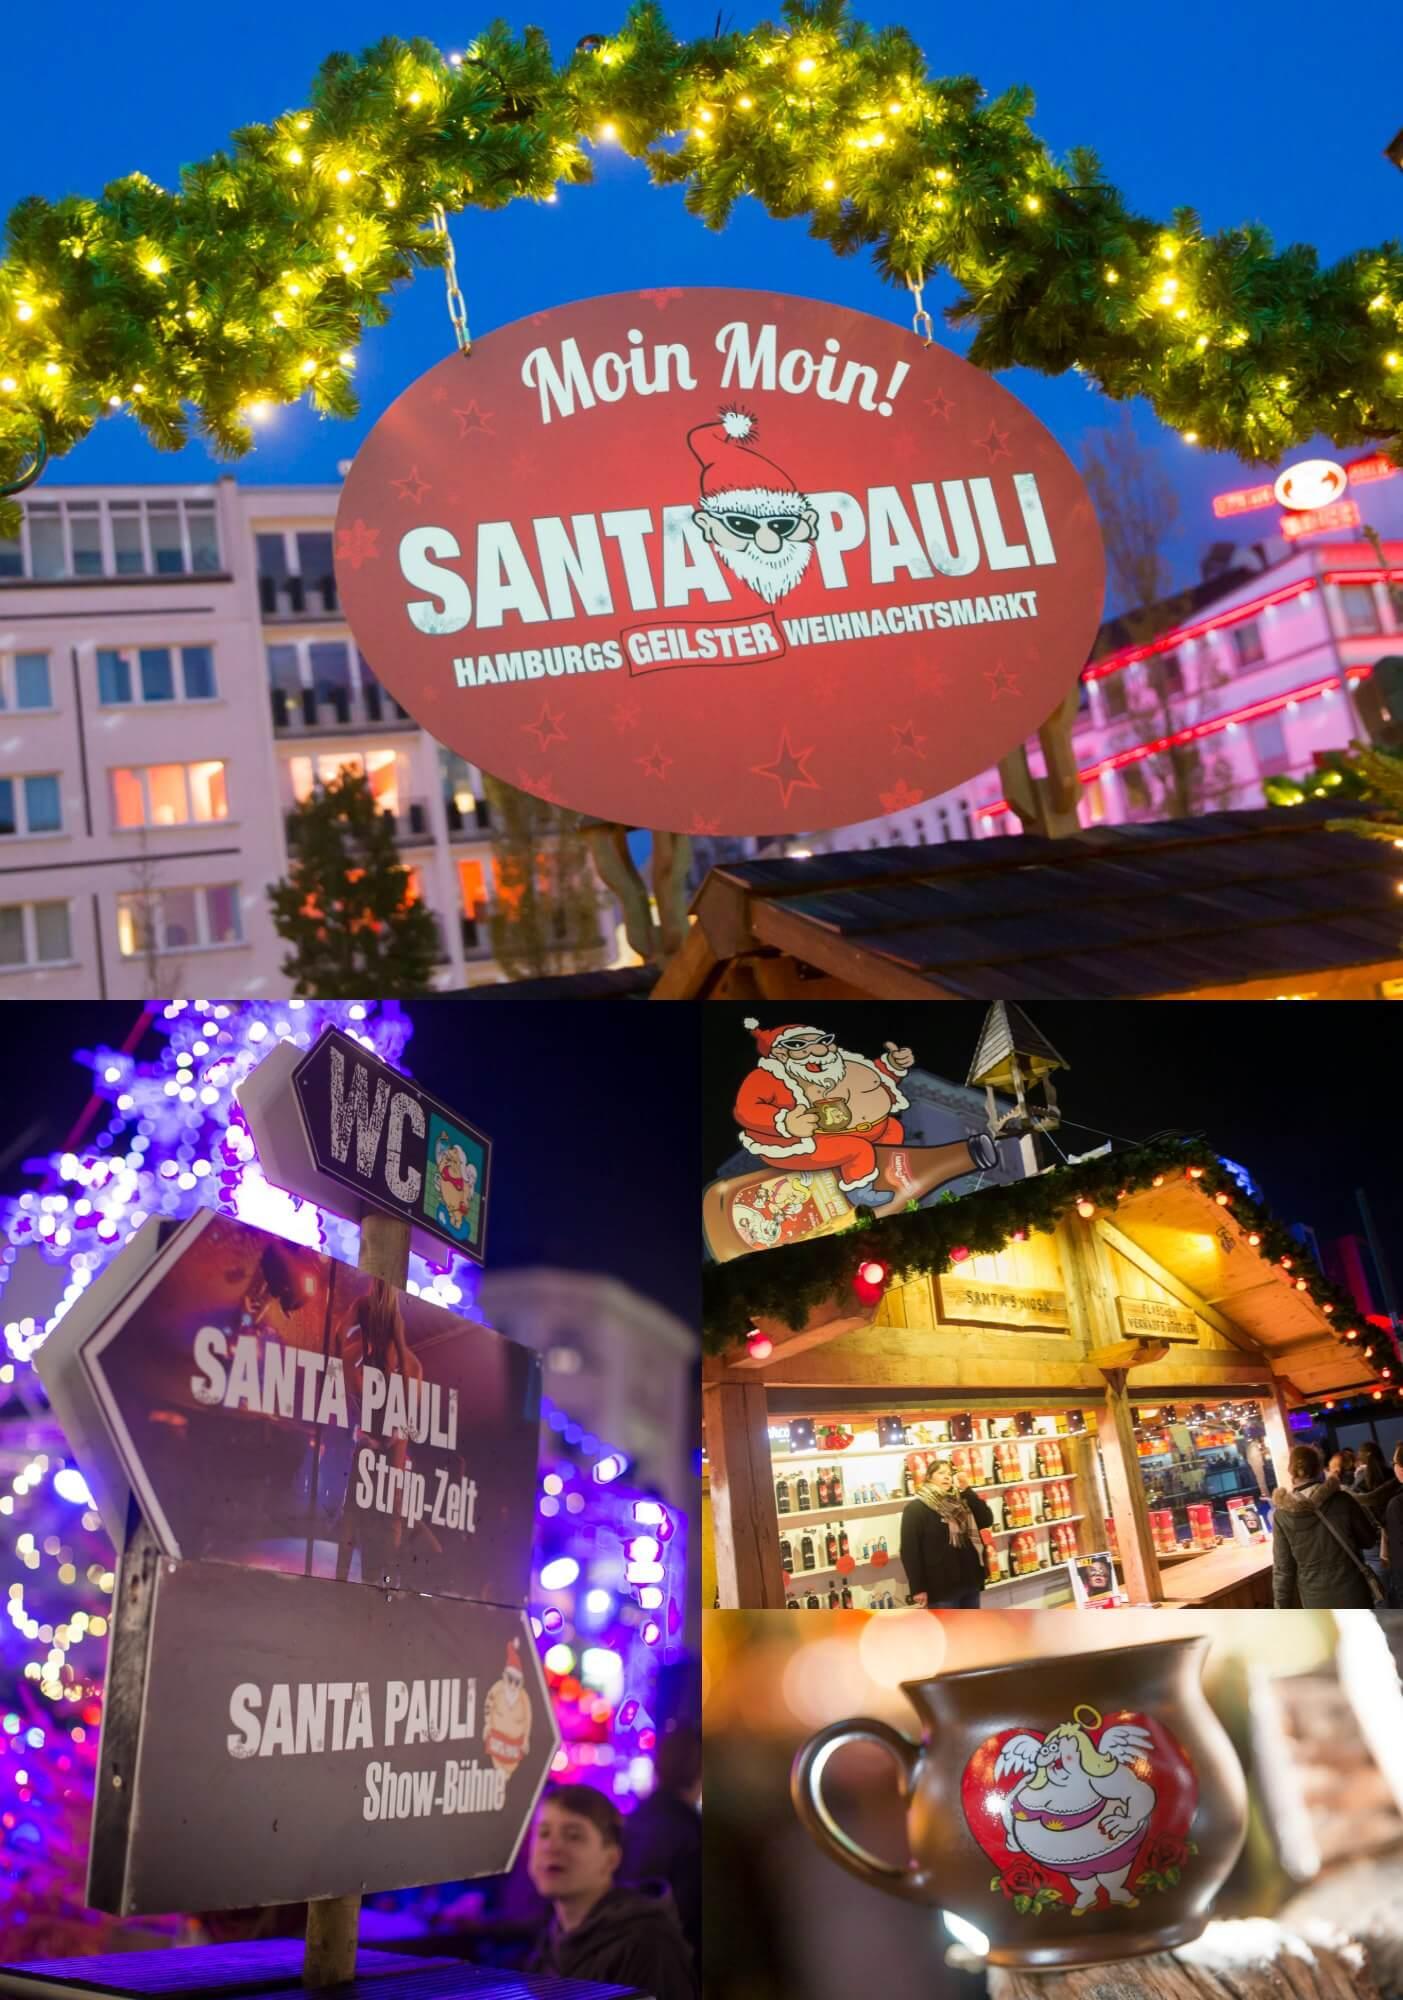 St Pauli Weihnachtsmarkt öffnungszeiten.Stripzelt Livemusik Heiße Engel Leckerer Glühwein Santa Pauli